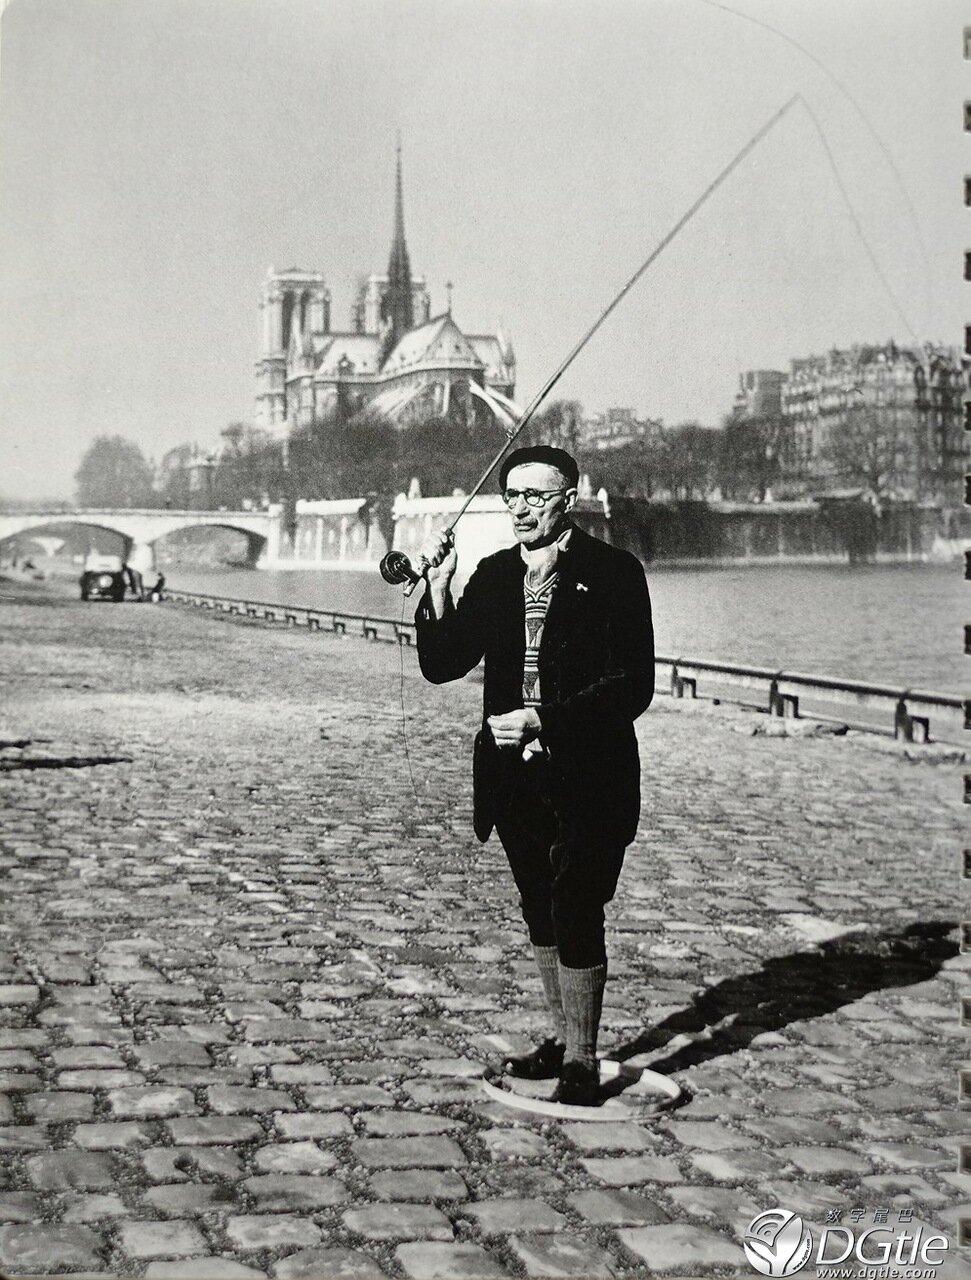 1951. Парижский рыбак на суше